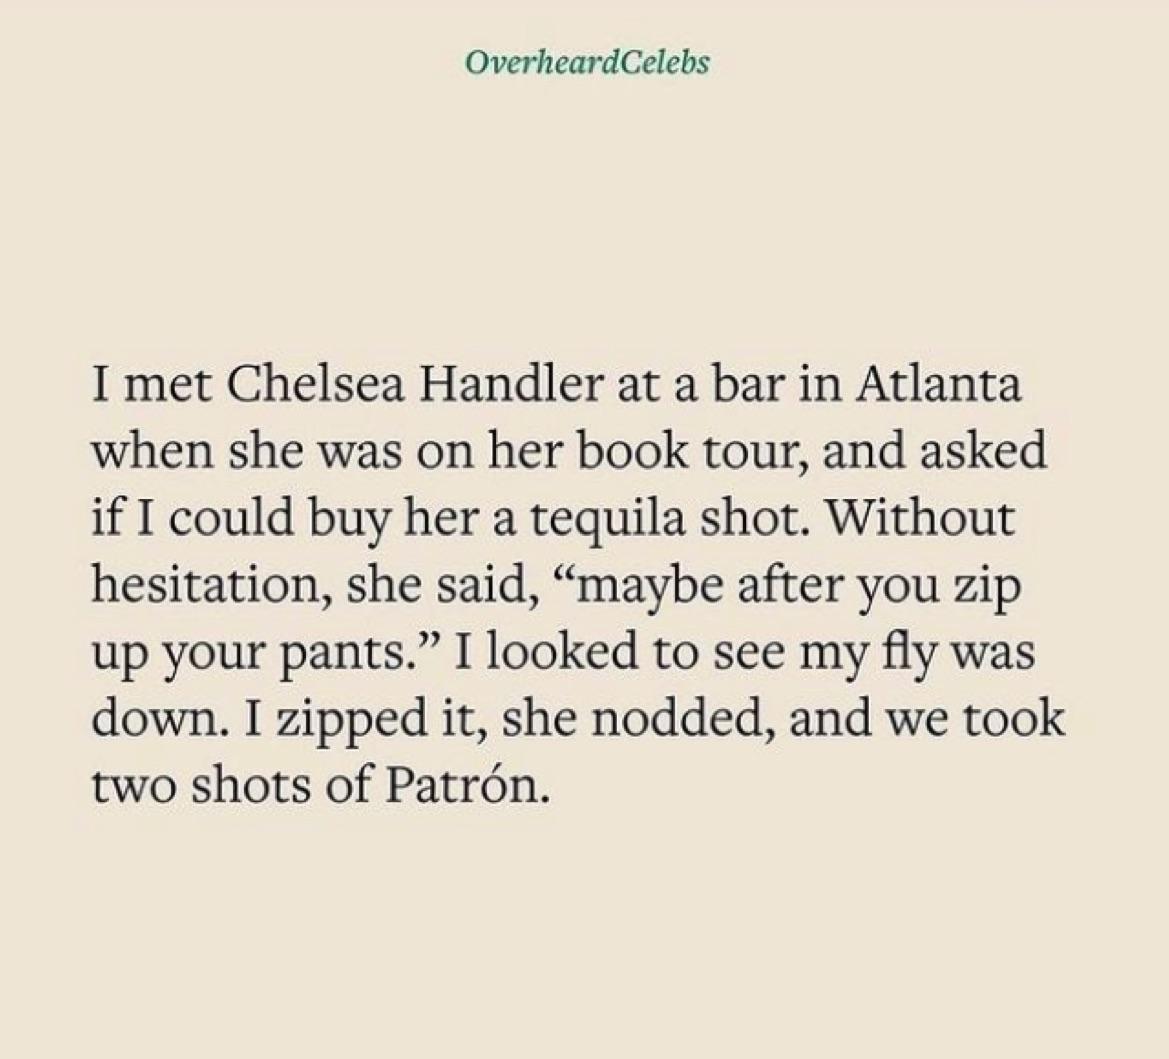 Overheard Celebs Chelsea Handler story